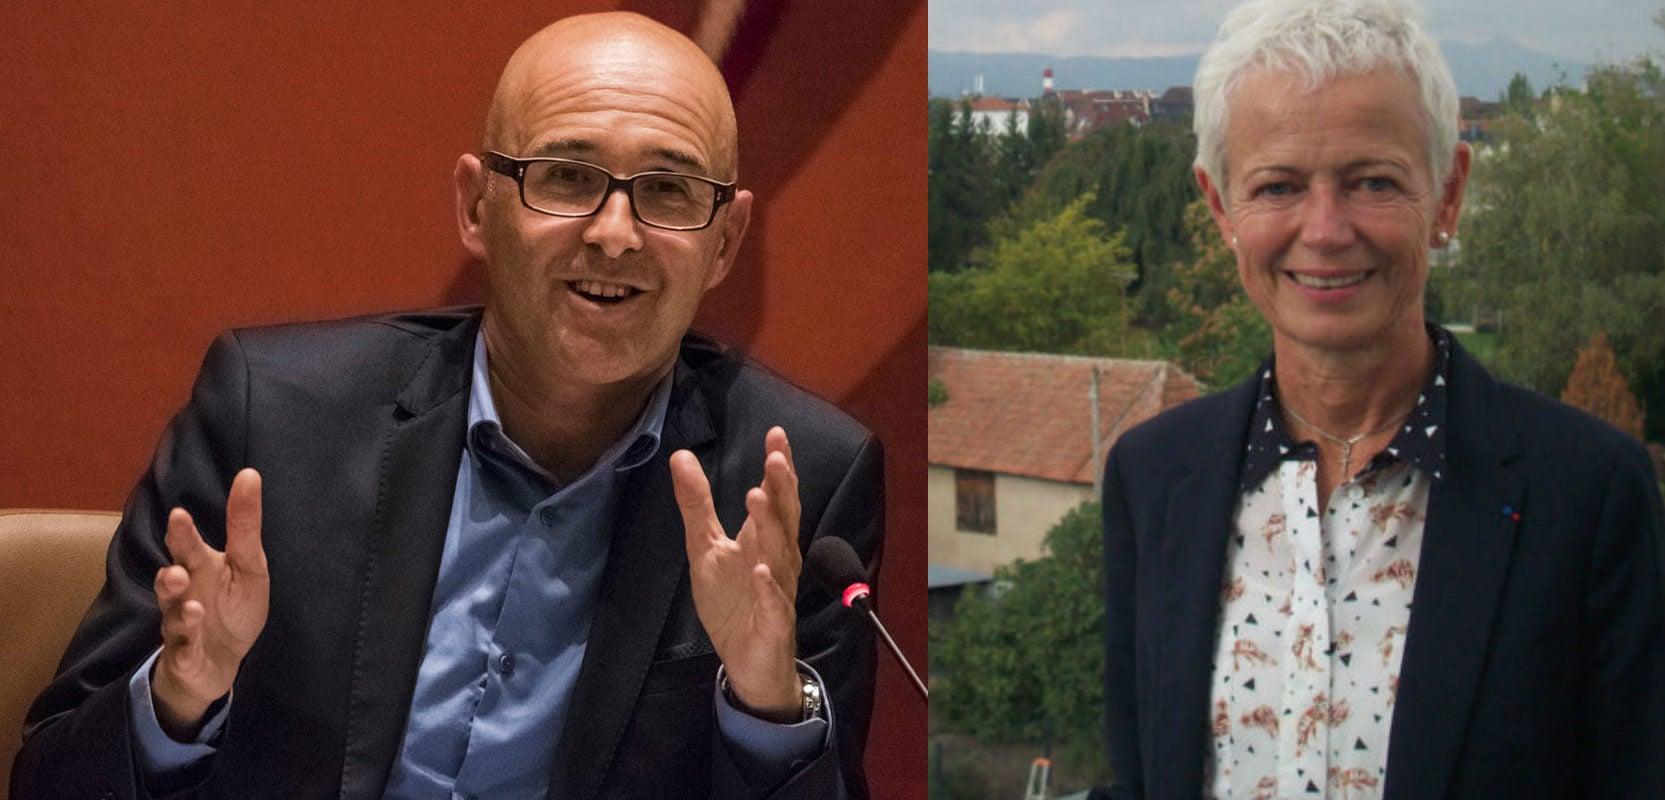 Pour l'Alsace, Klinkert et Bierry jouent les rôles du bon et du mauvais flic